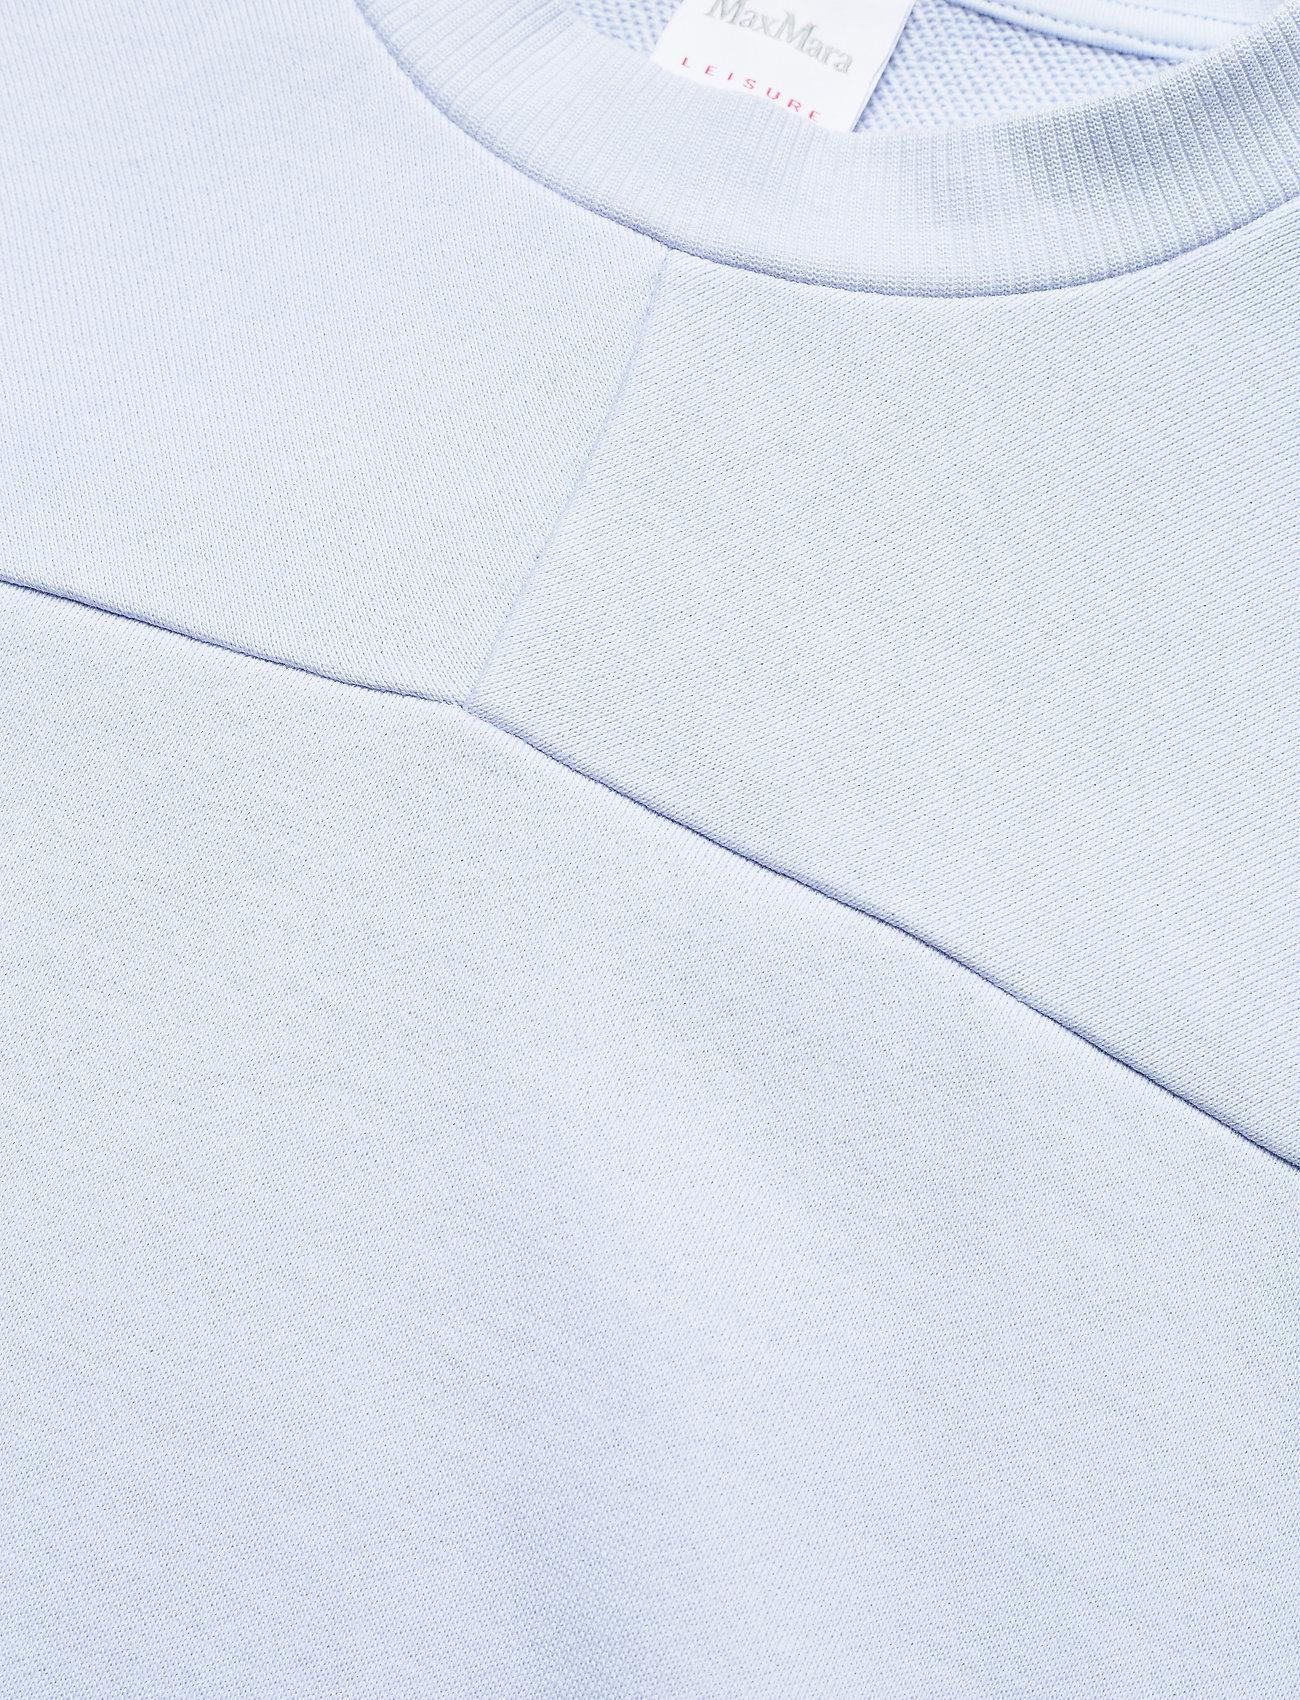 Max Mara Leisure - FRINE - sweatshirts & hoodies - light blue - 2